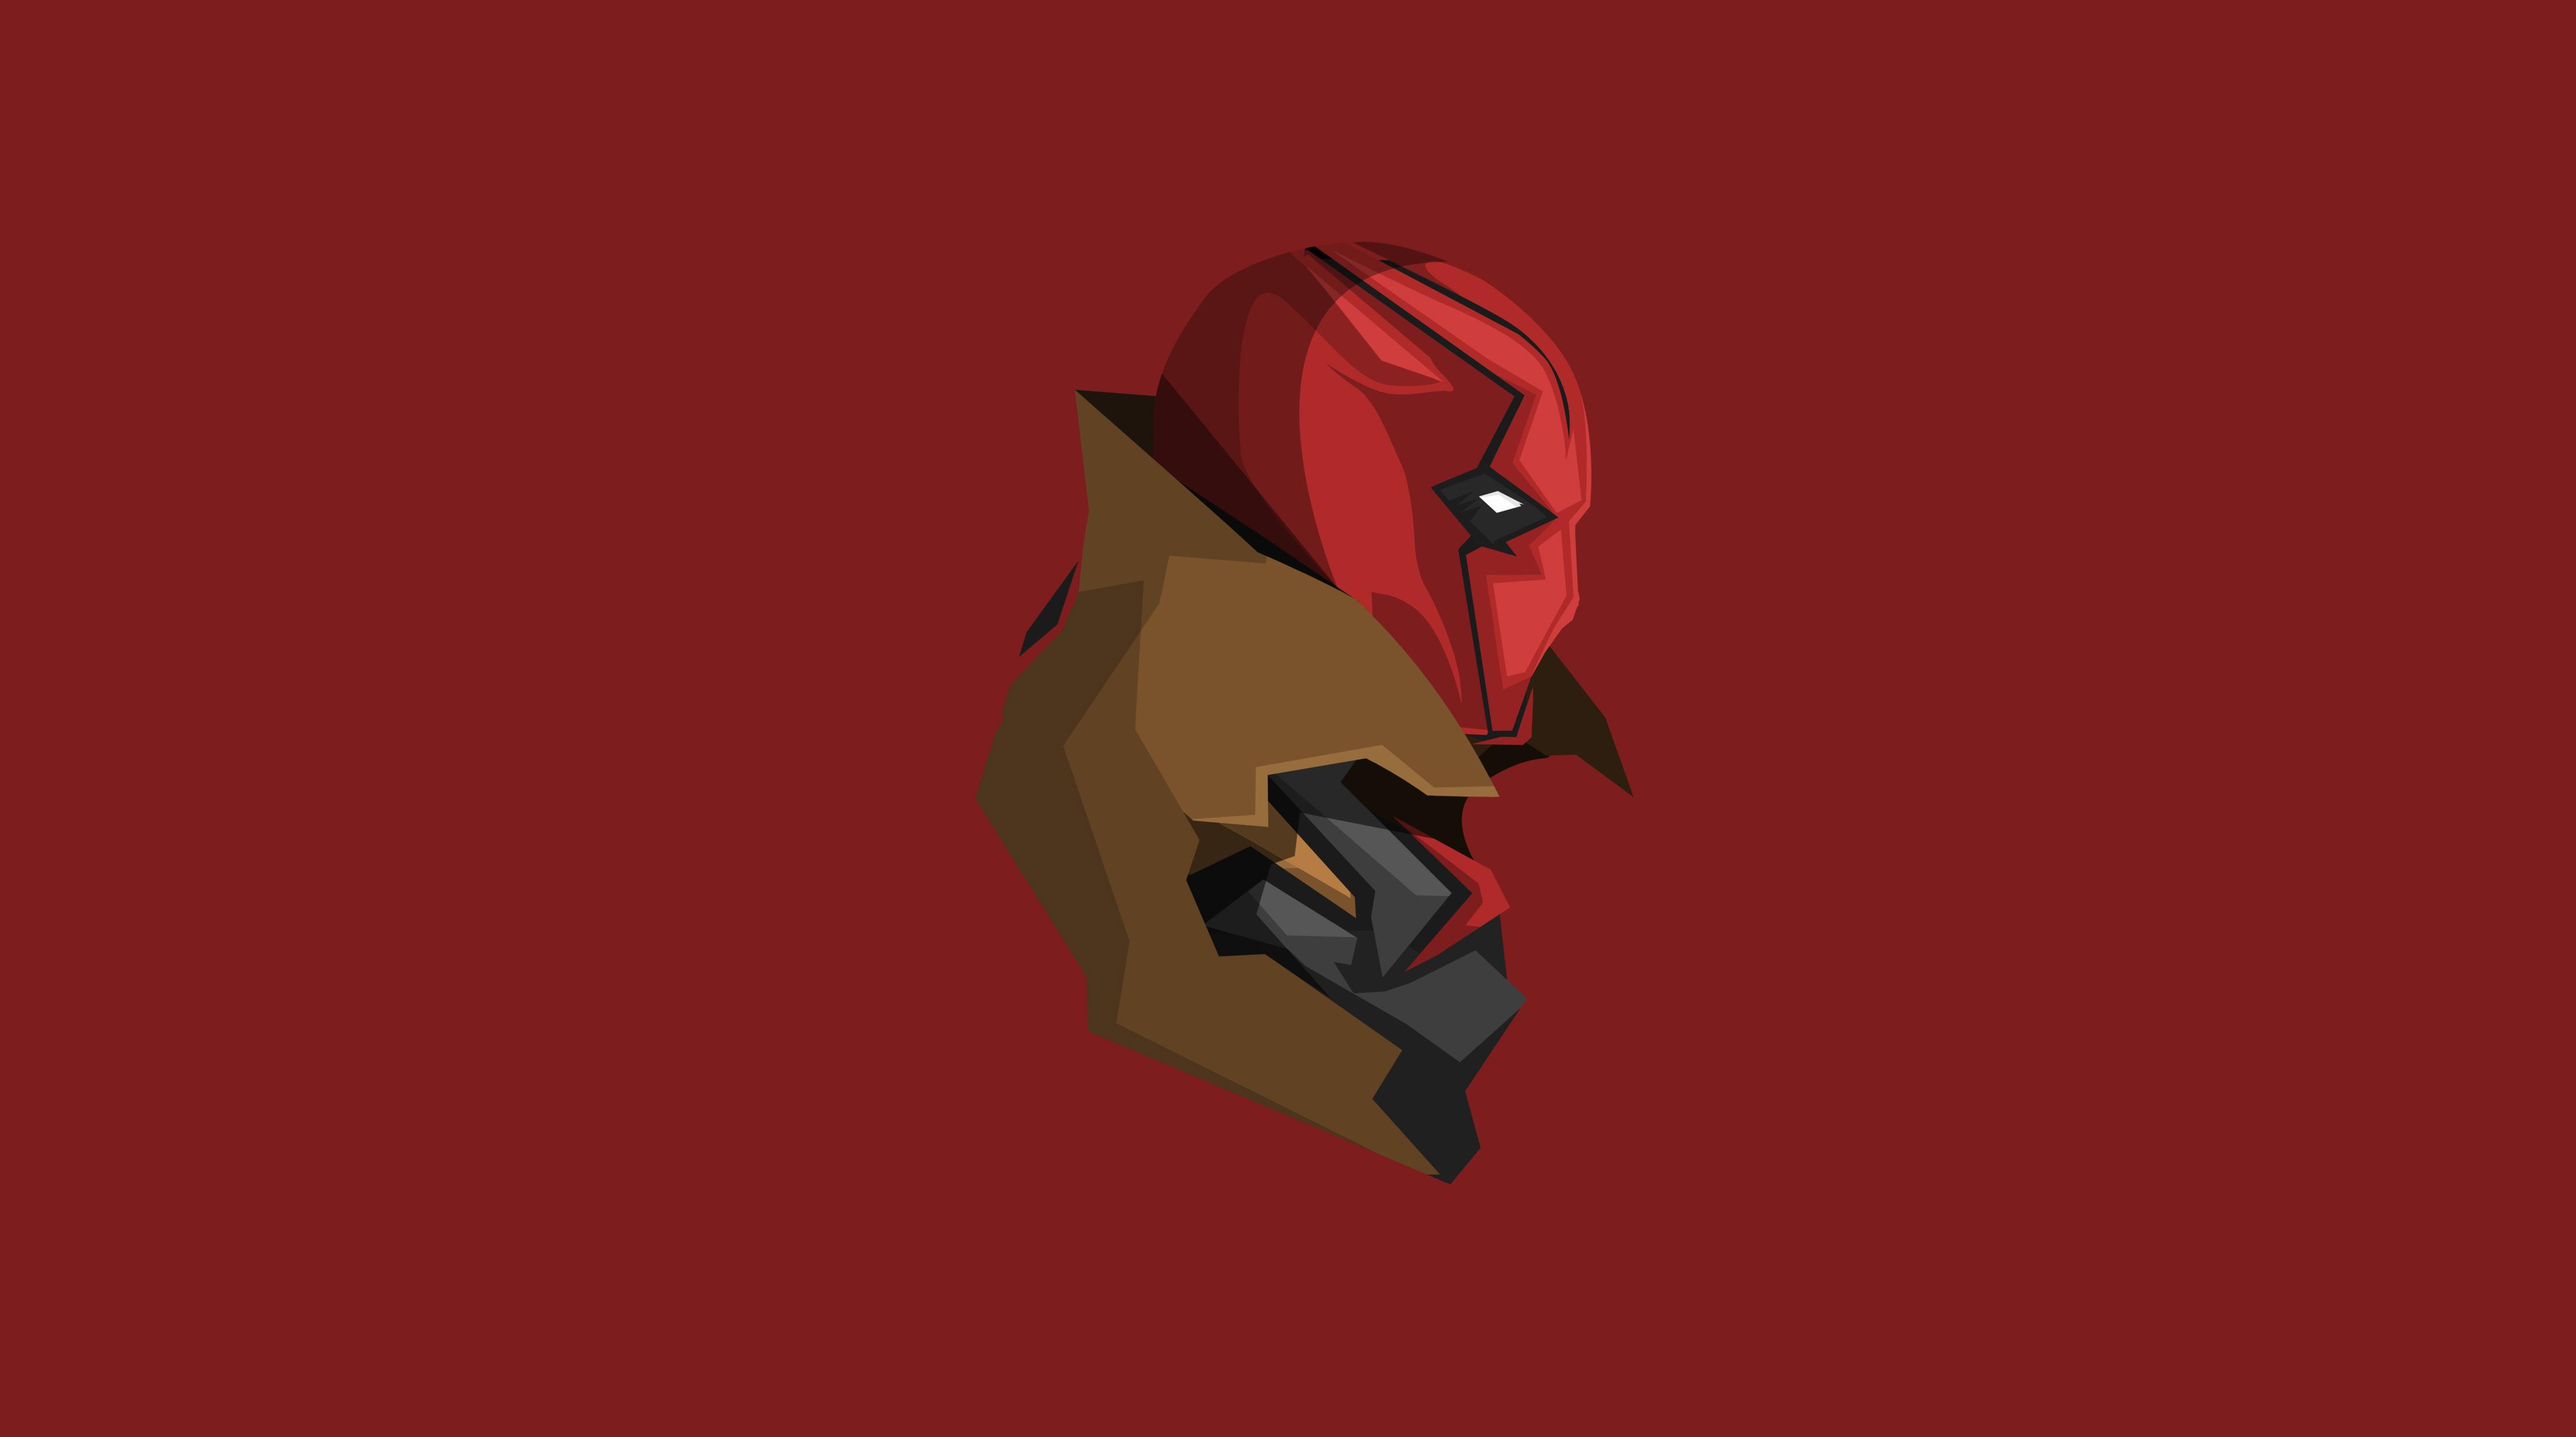 Red Hood Minimalism 4k, HD Superheroes, 4k Wallpapers ...